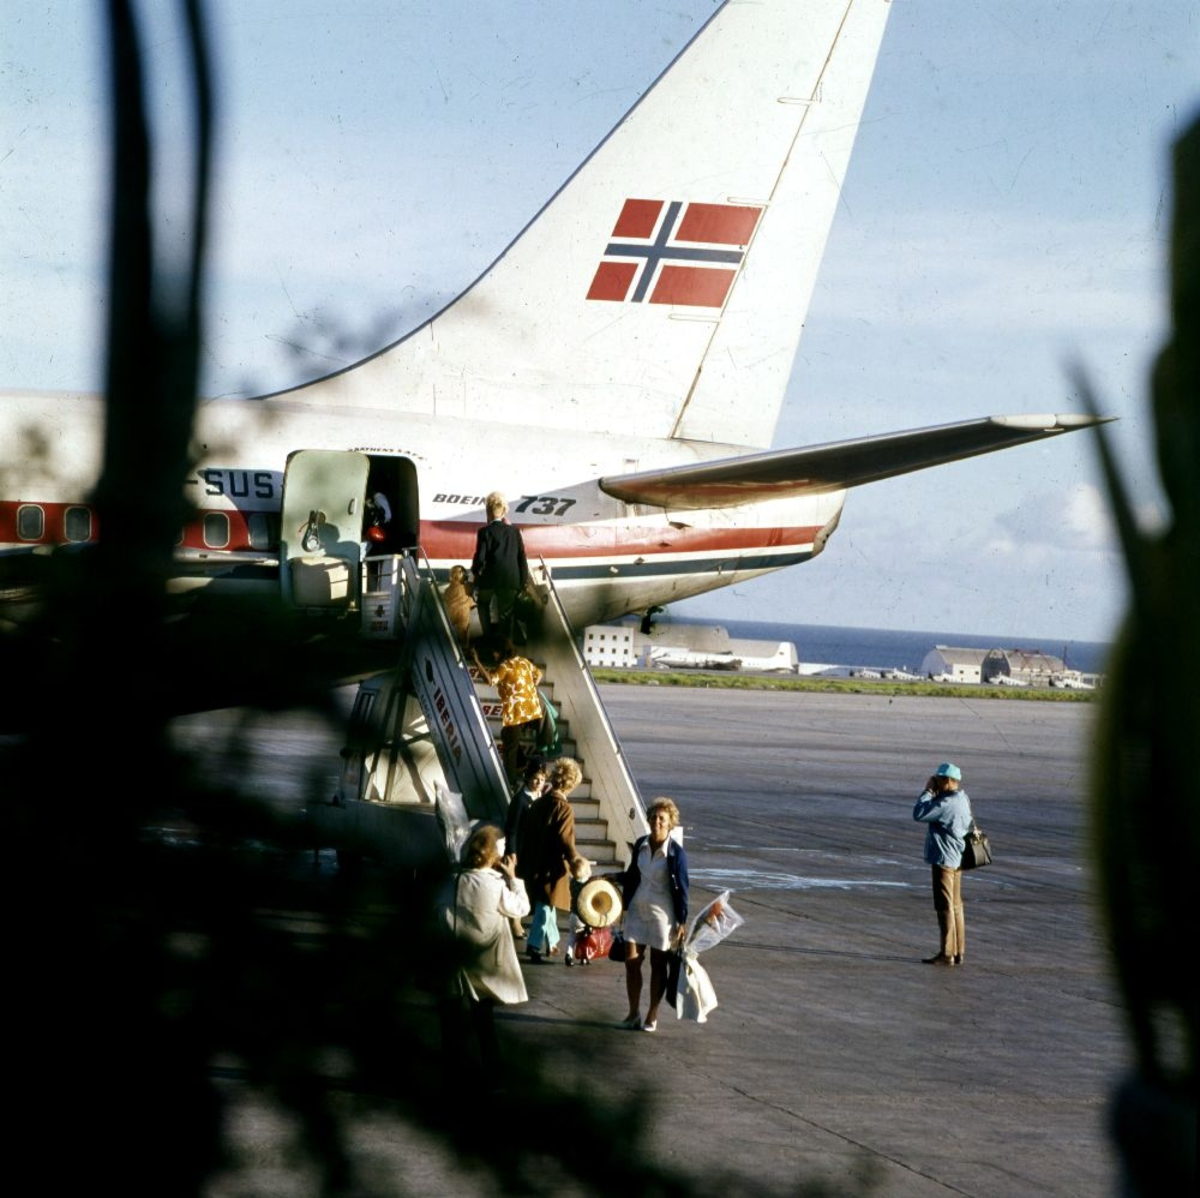 Lufthavn/Flyplass. Et fly, LN-SUS, Boeing 737 fra Braathens SAFE, tar imot påstigende passasjerer.